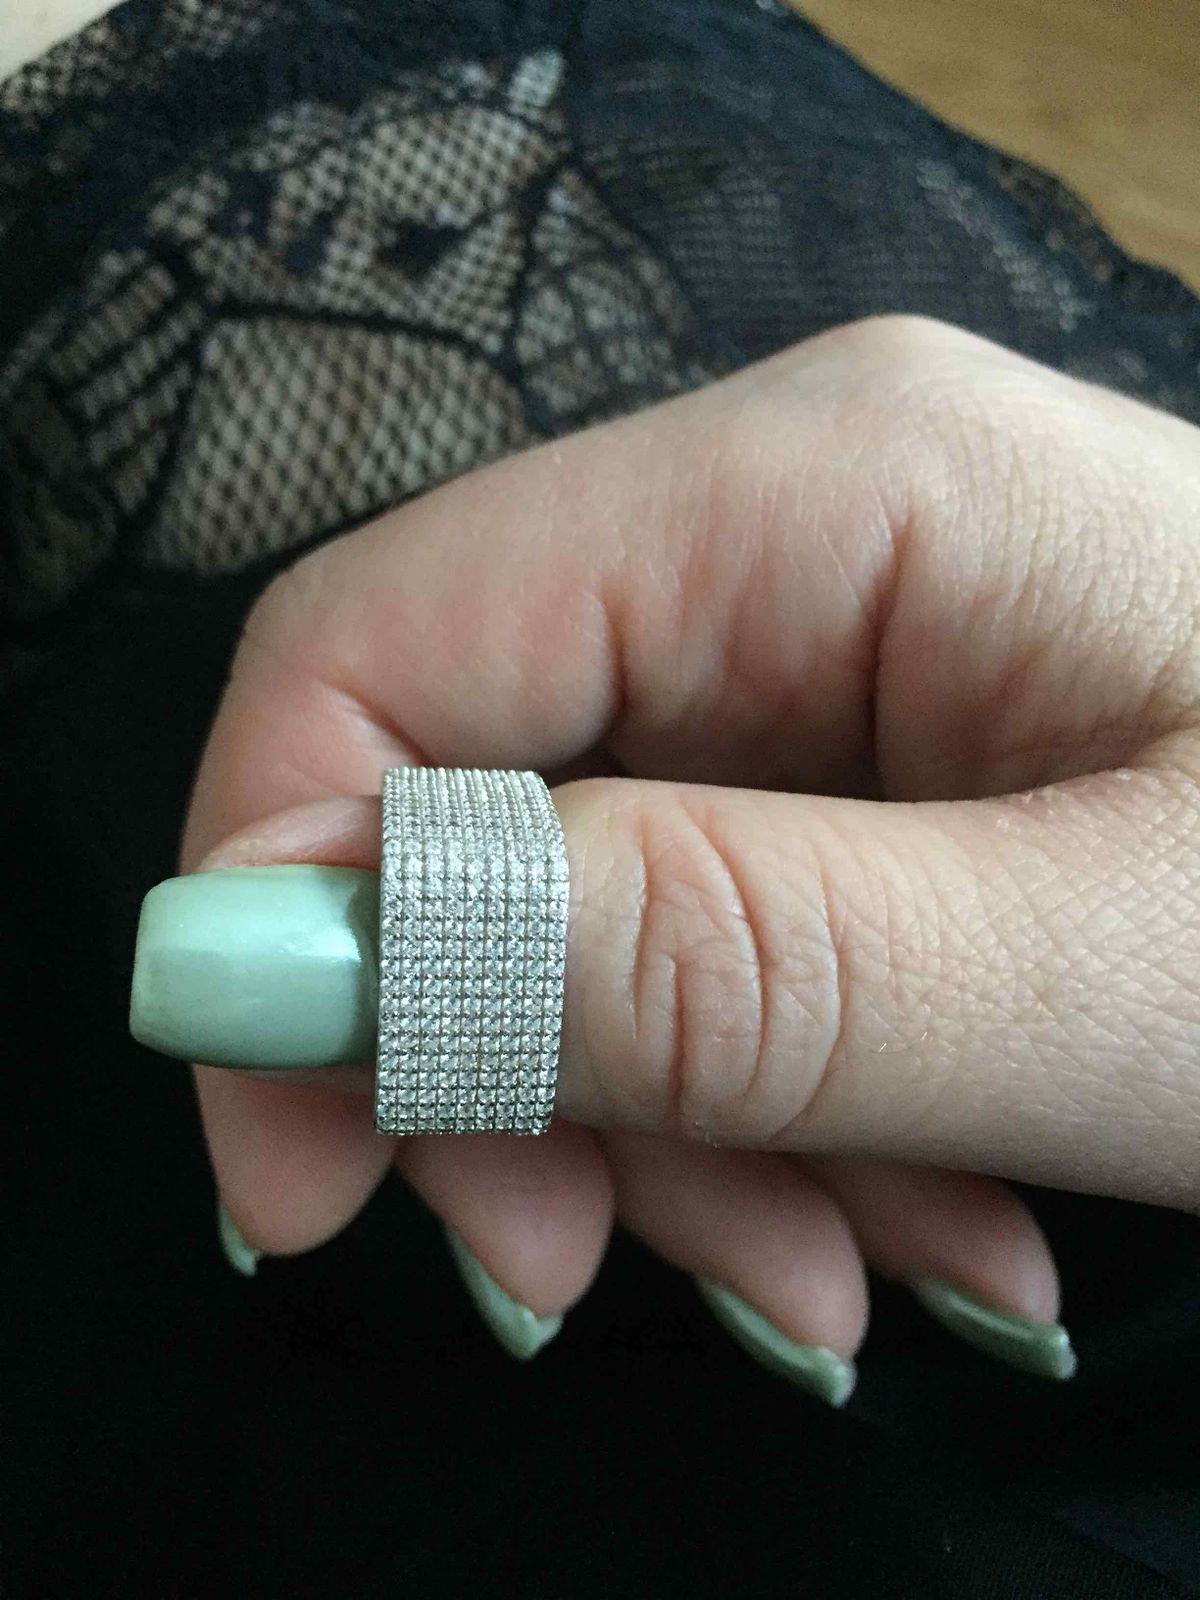 Благодарю Sunlight, кольцо безумно красивое! Скидка шикарная!